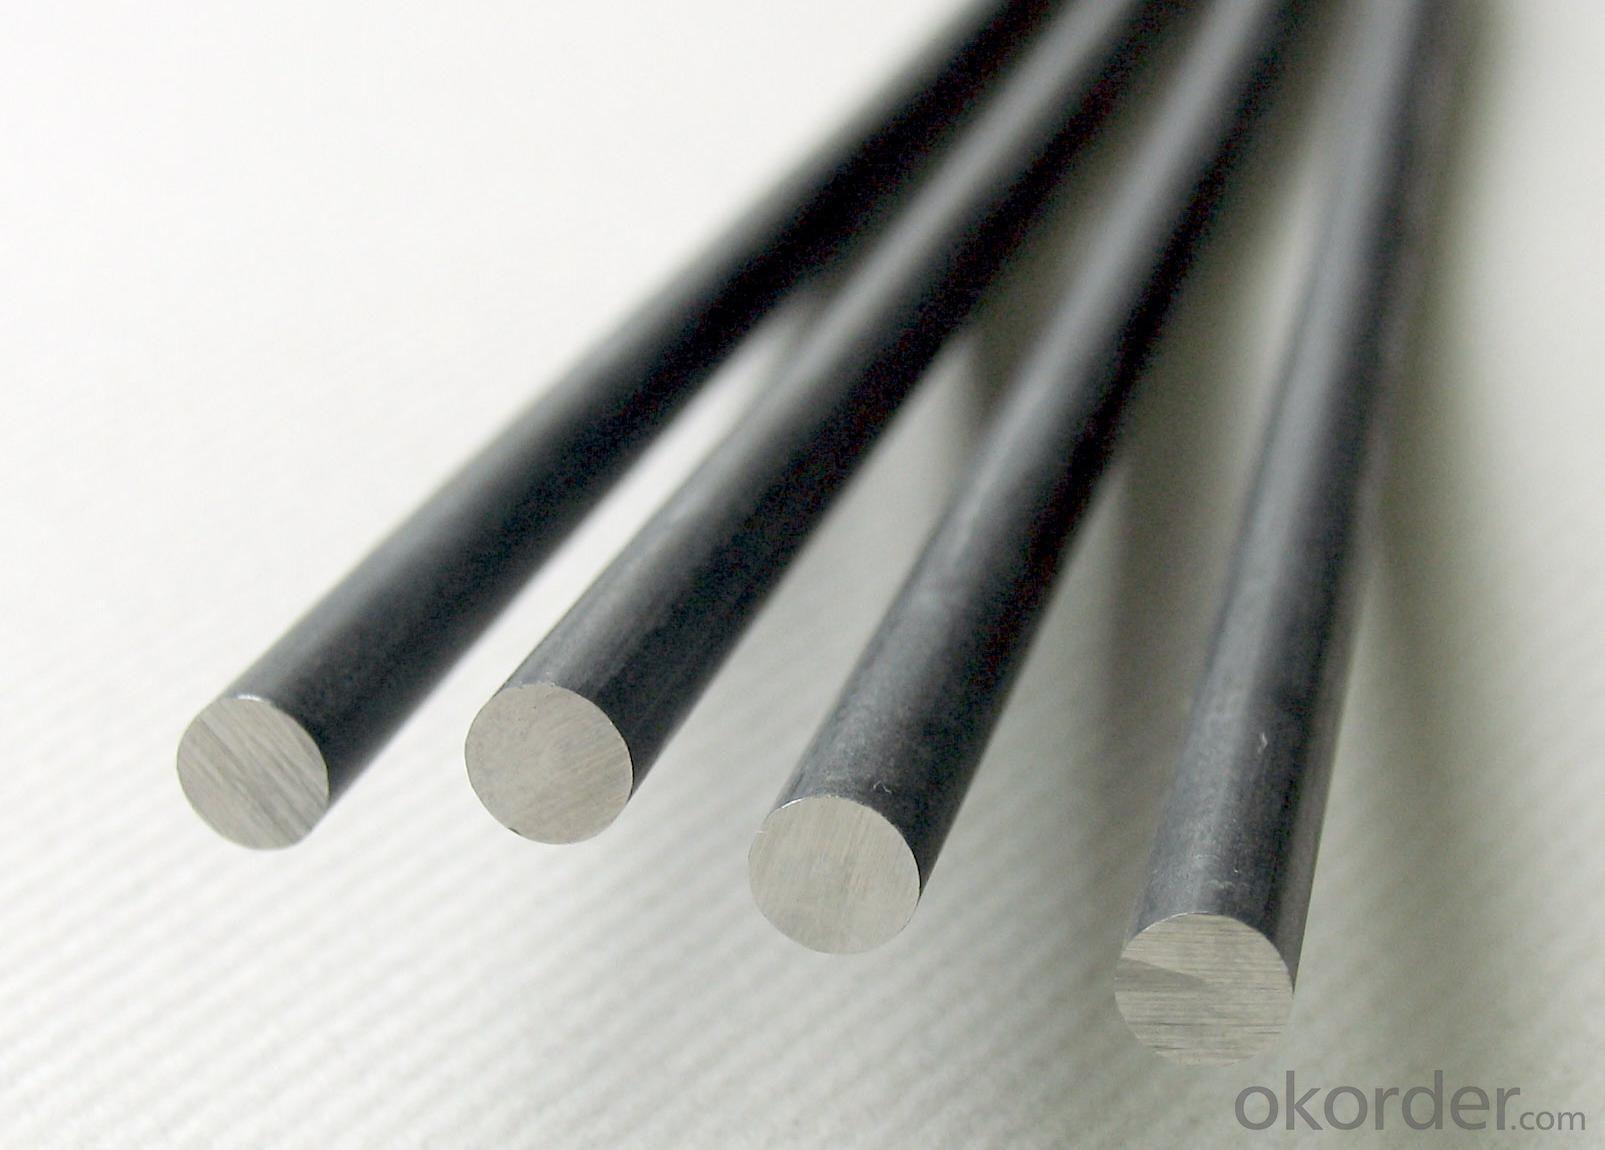 Round Spring Steel